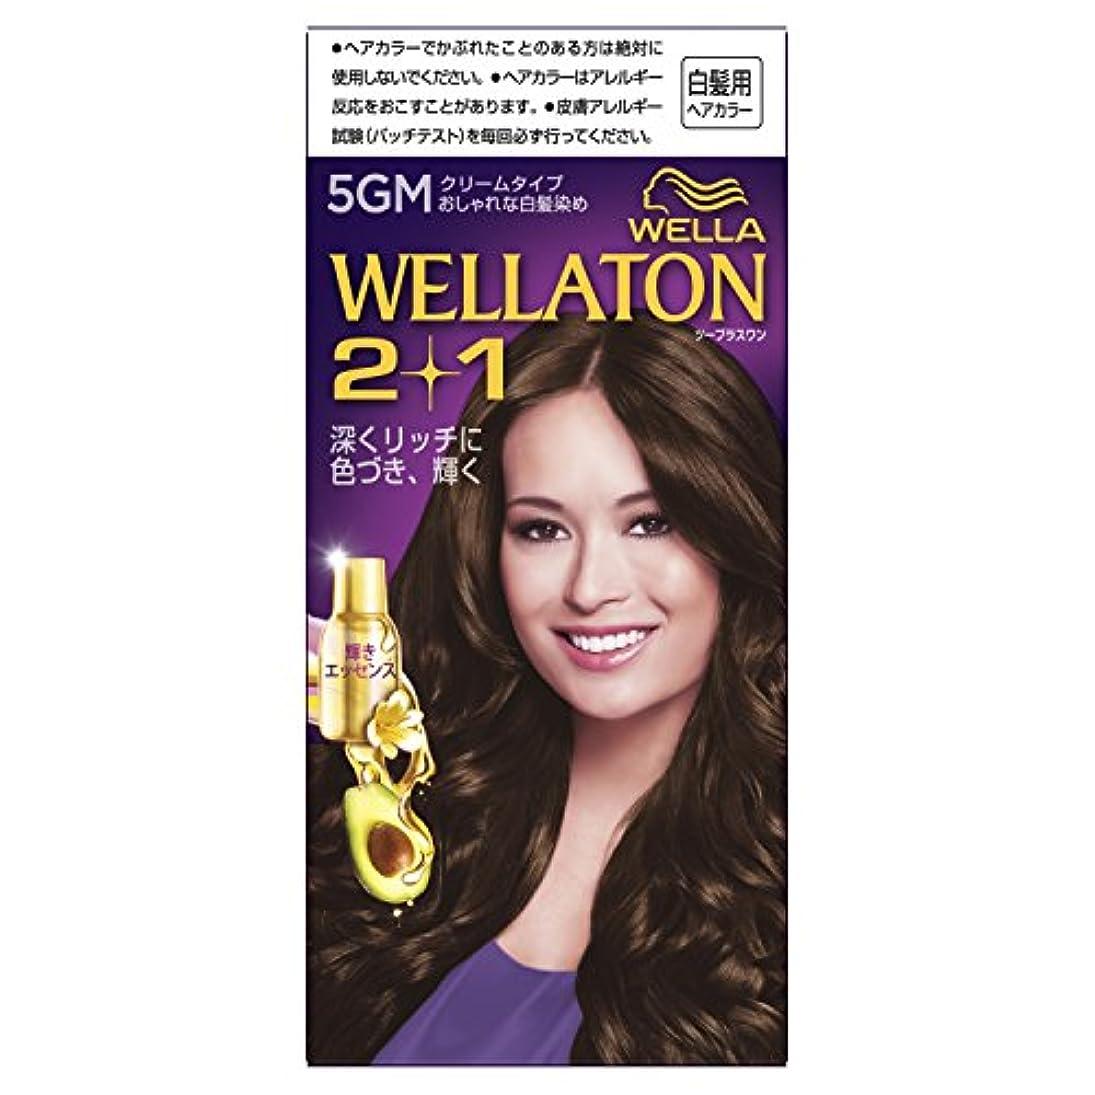 ショッピングセンター回転花弁ウエラトーン2+1 クリームタイプ 5GM [医薬部外品](おしゃれな白髪染め)